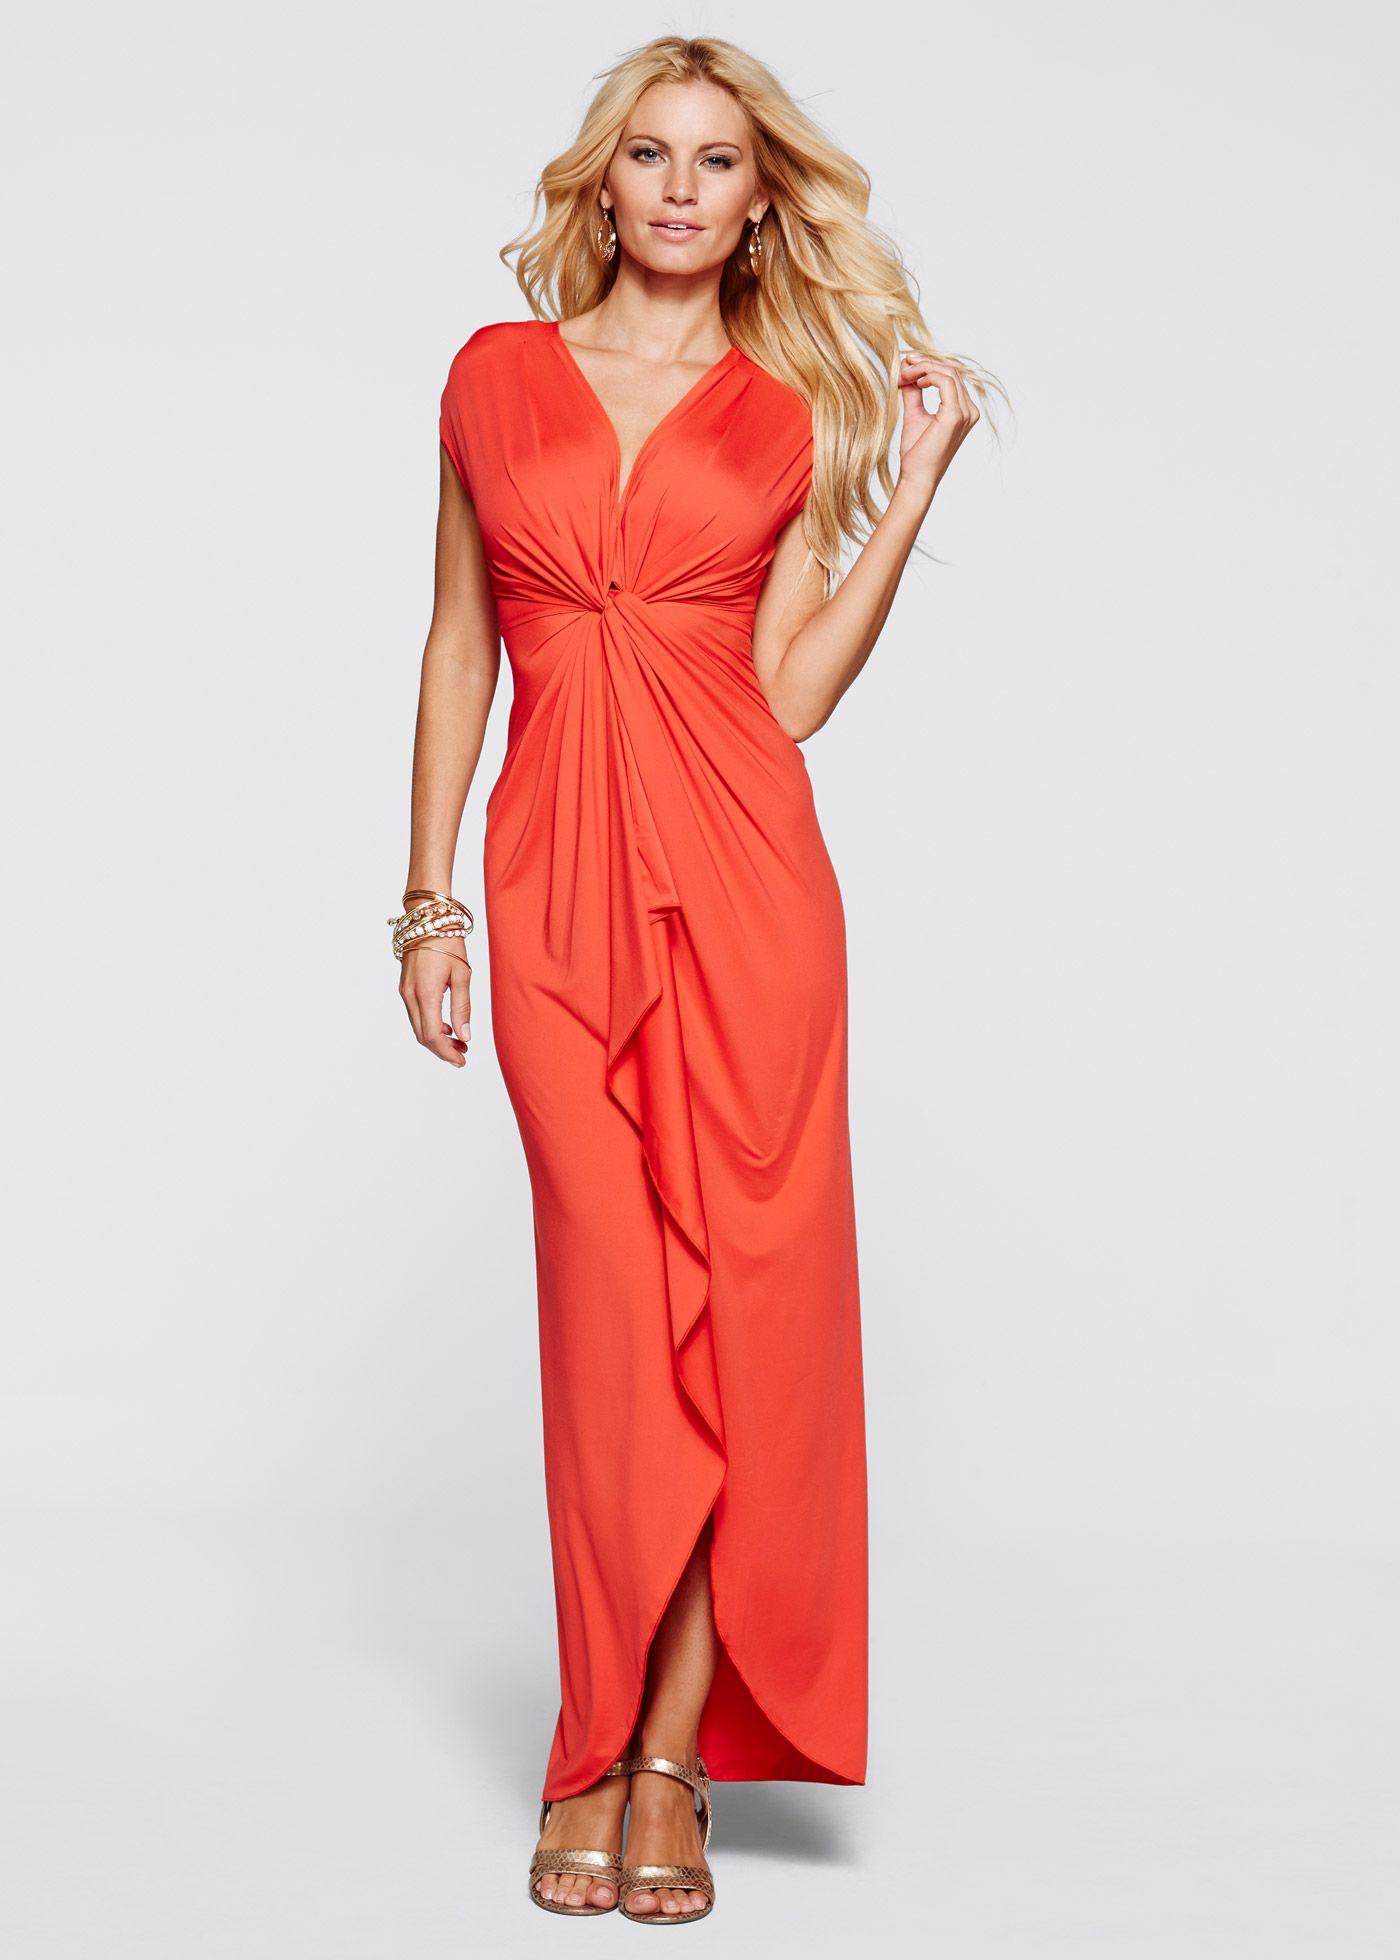 Kleid rot - BODYFLIRT boutique jetzt im Online Shop von ...